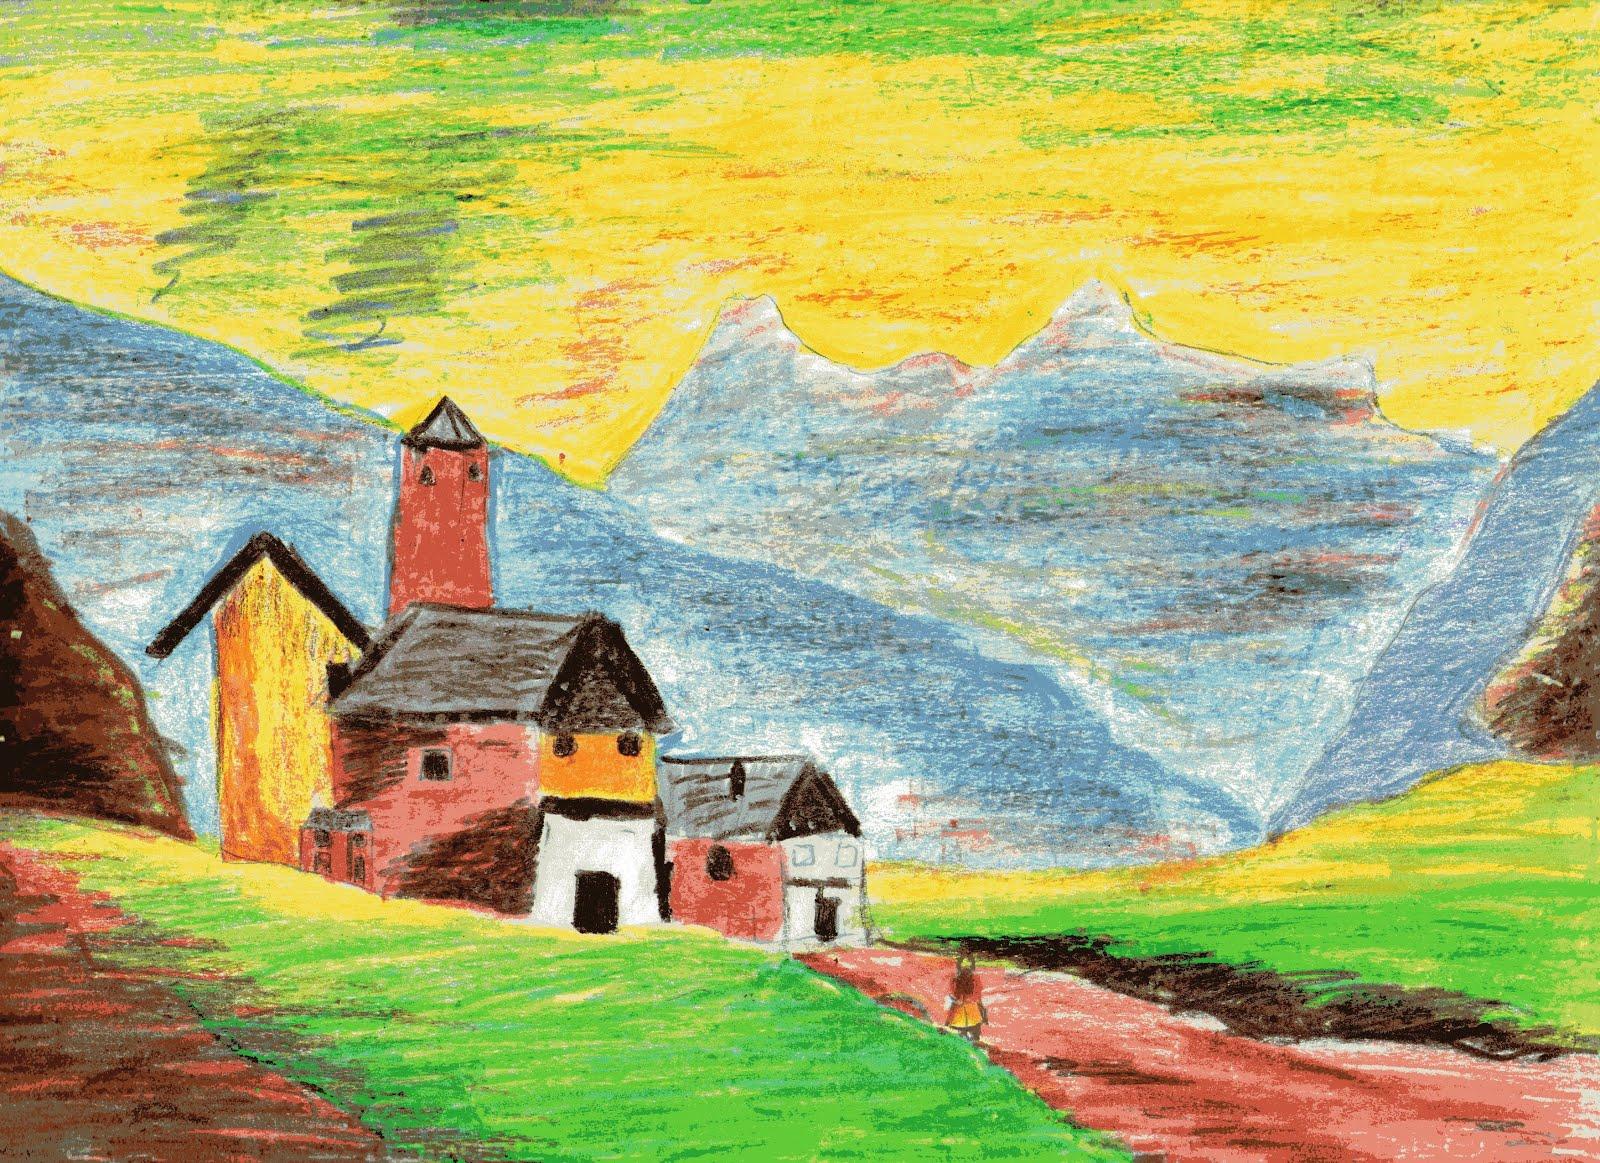 Disegnando e oltre iv elementare for Disegni di paesaggi colorati